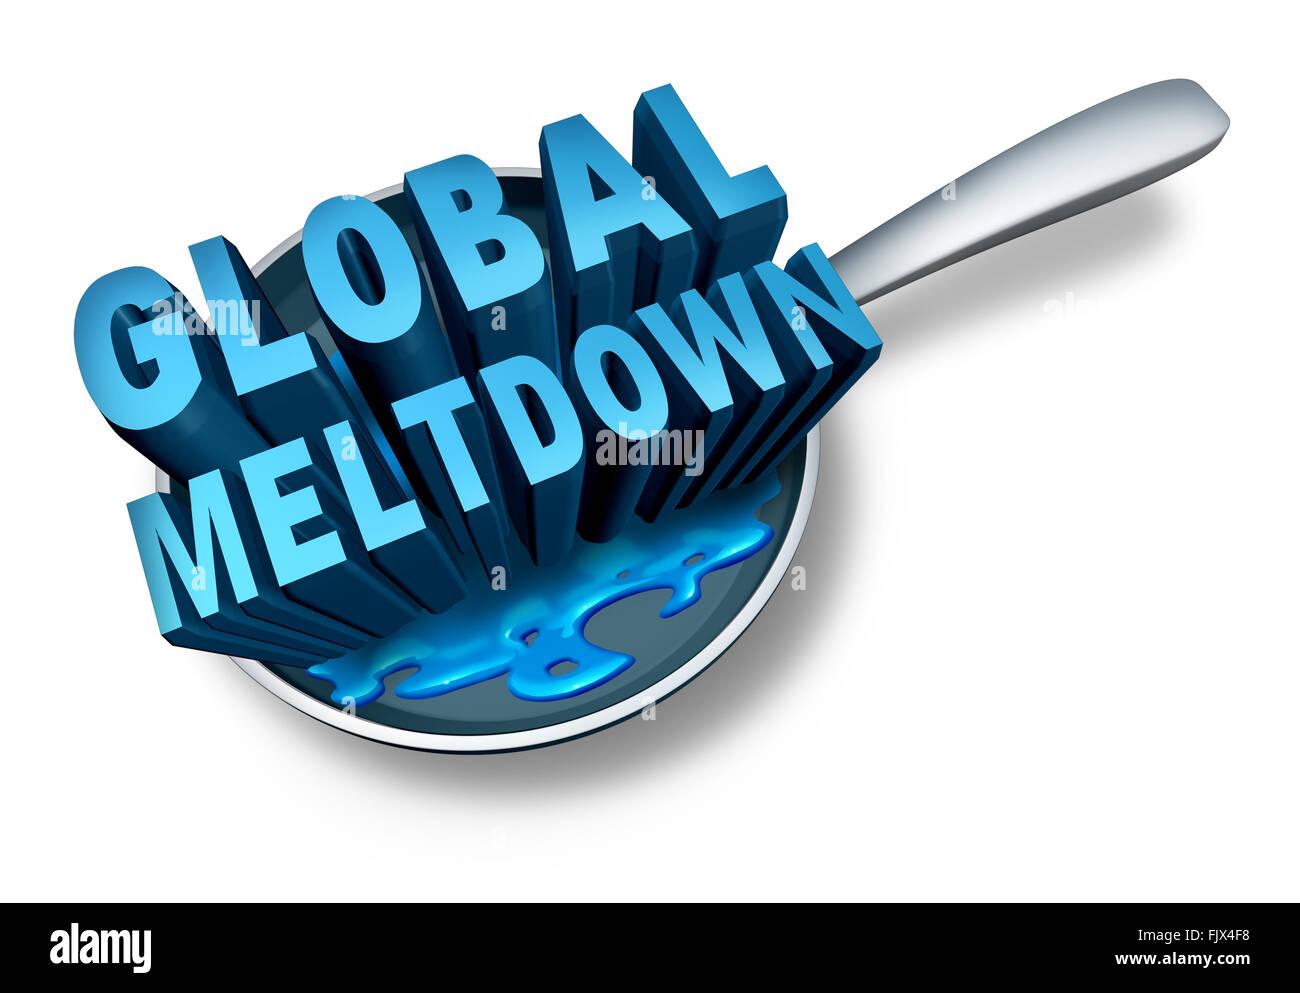 Meltdown globale e la crisi finanziaria come un fallimento finanza nozione come un' economia in difficoltà Immagini Stock